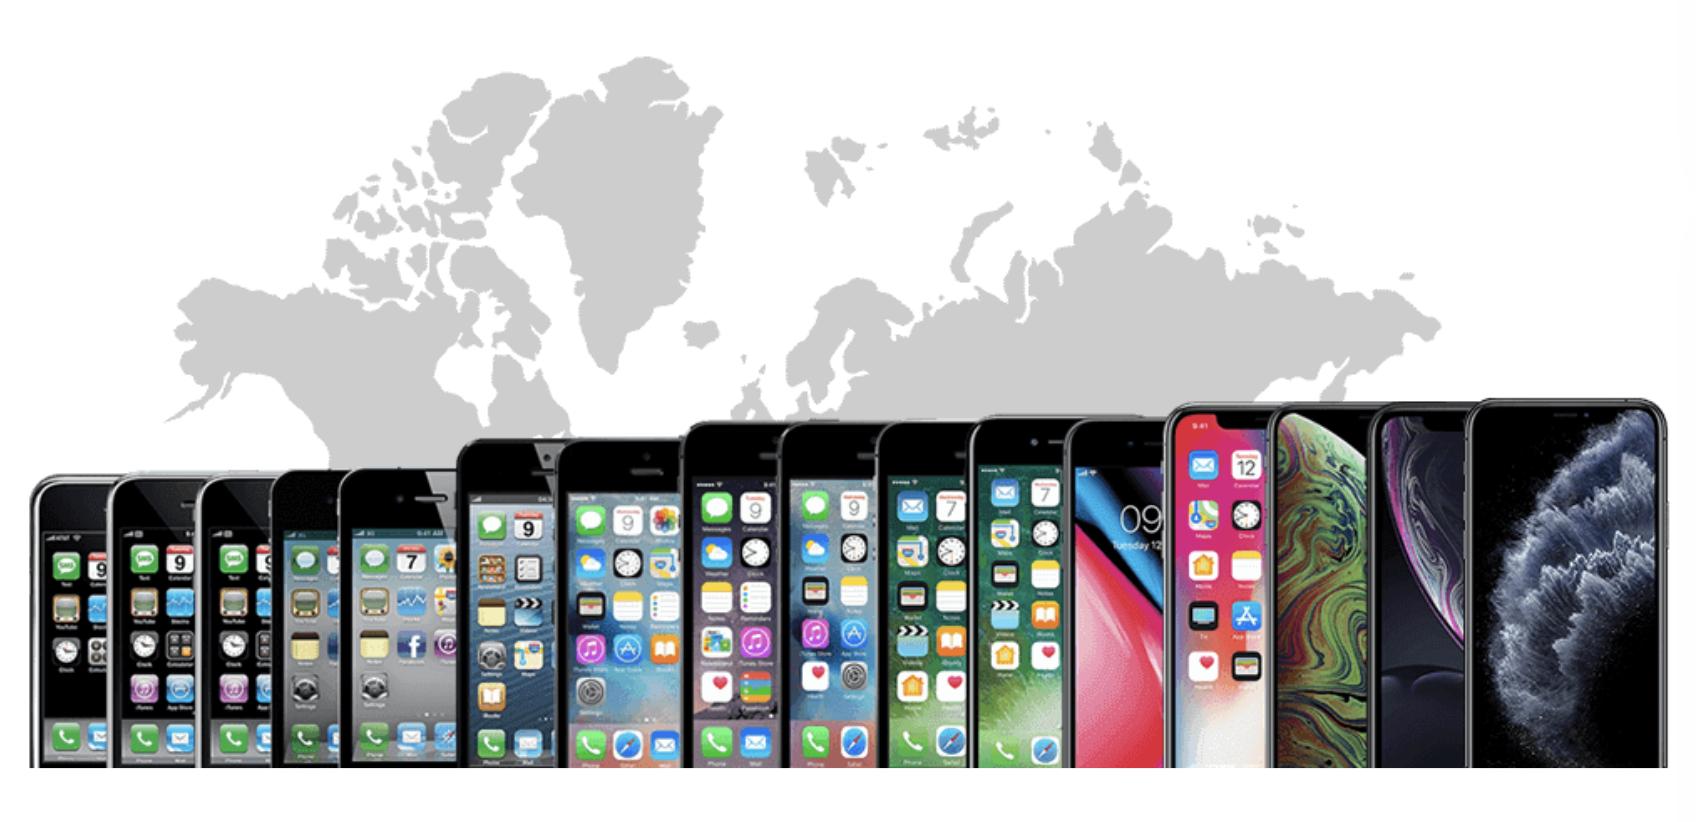 iPhone eladások a kezdetek óta, vajon melyik volt az eddigi legnépszerűbb iPhone modell? [szavazás]